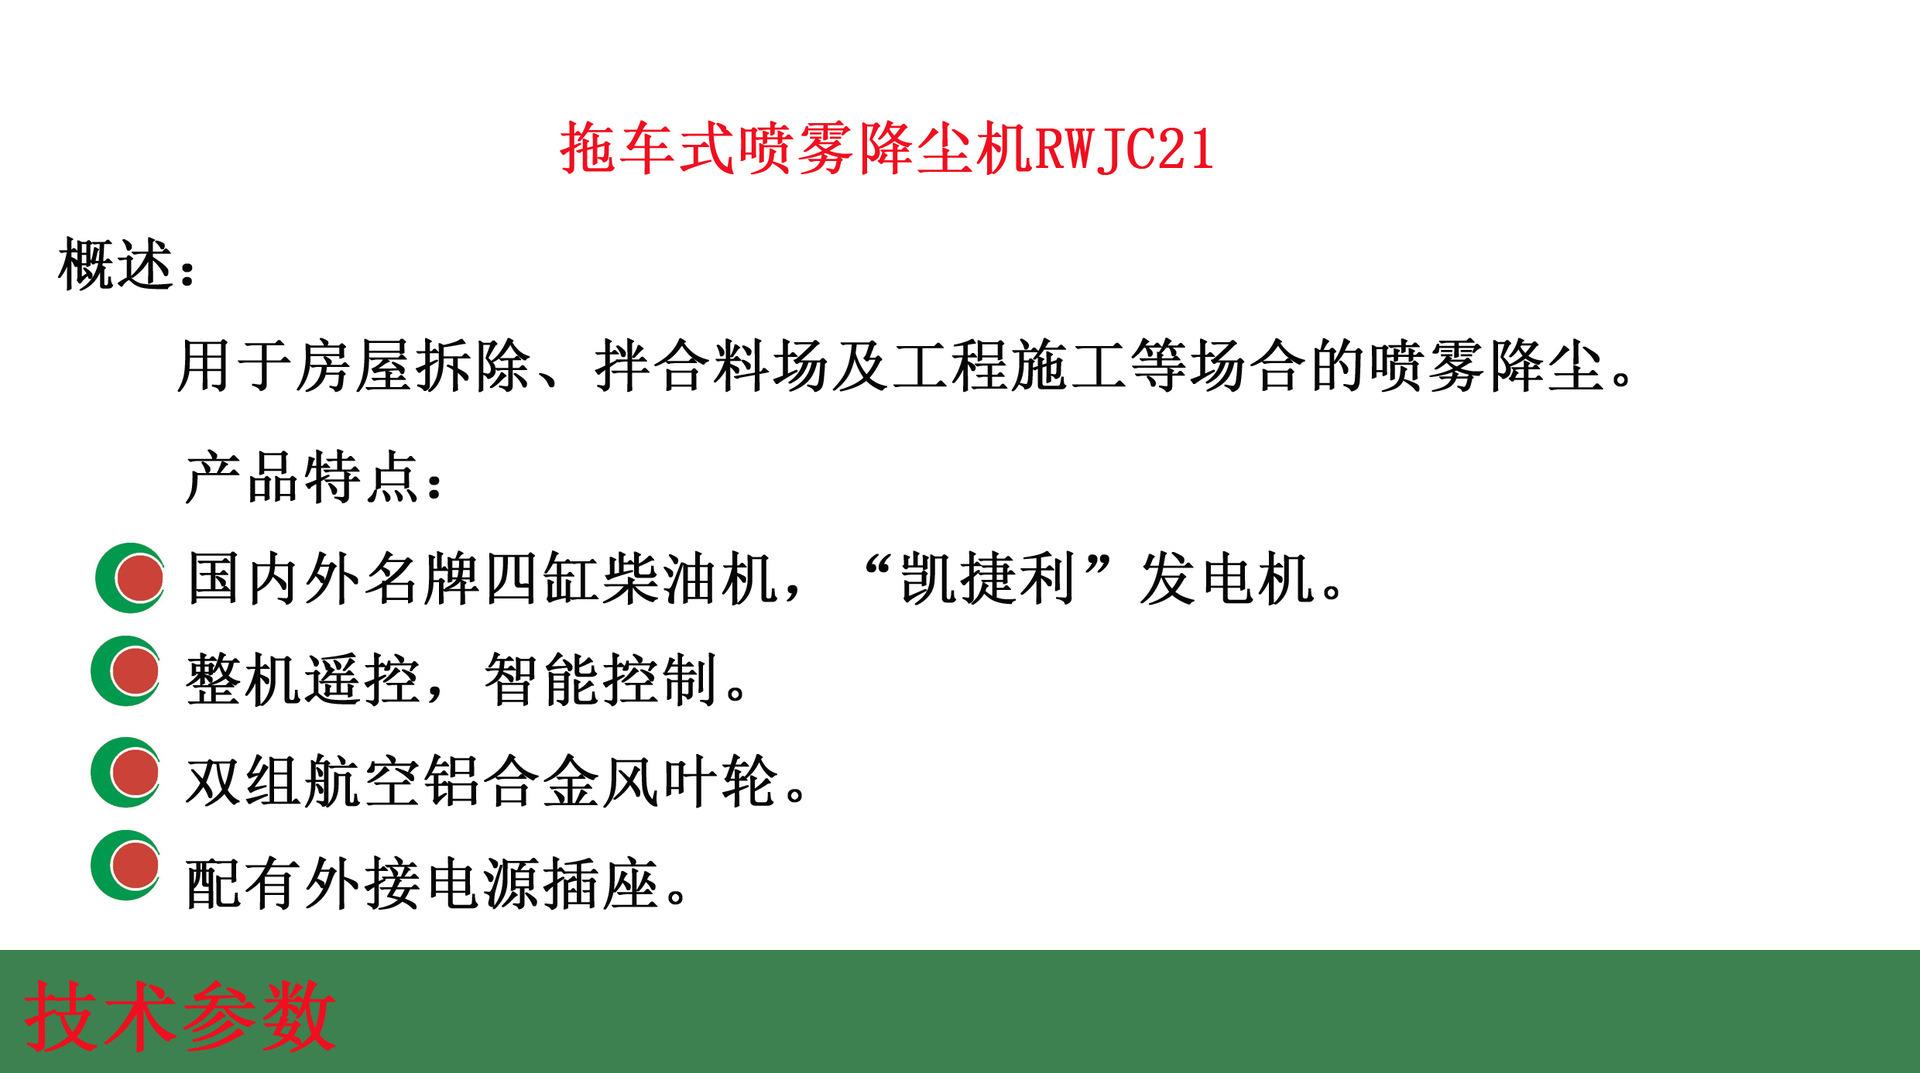 RWJC21介绍